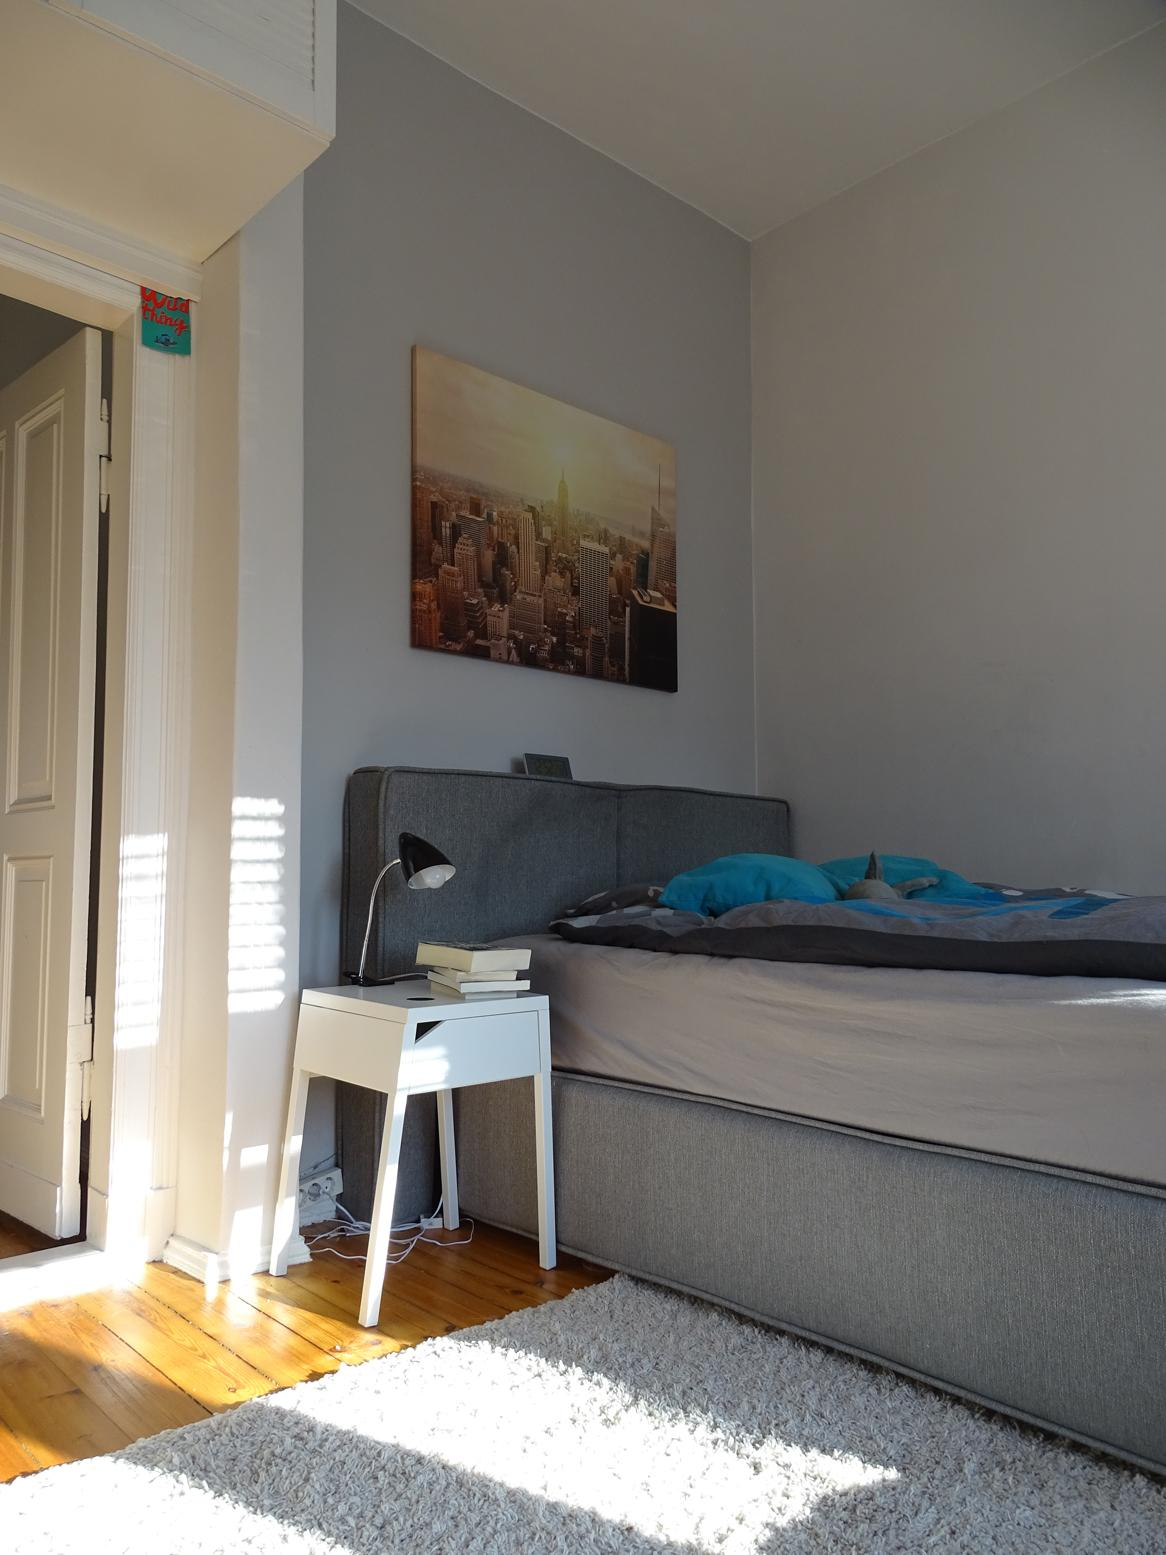 jugendzimmer kleiner raum 100 images kleine r ume mit praktischem stauraum ausstatten ideen. Black Bedroom Furniture Sets. Home Design Ideas